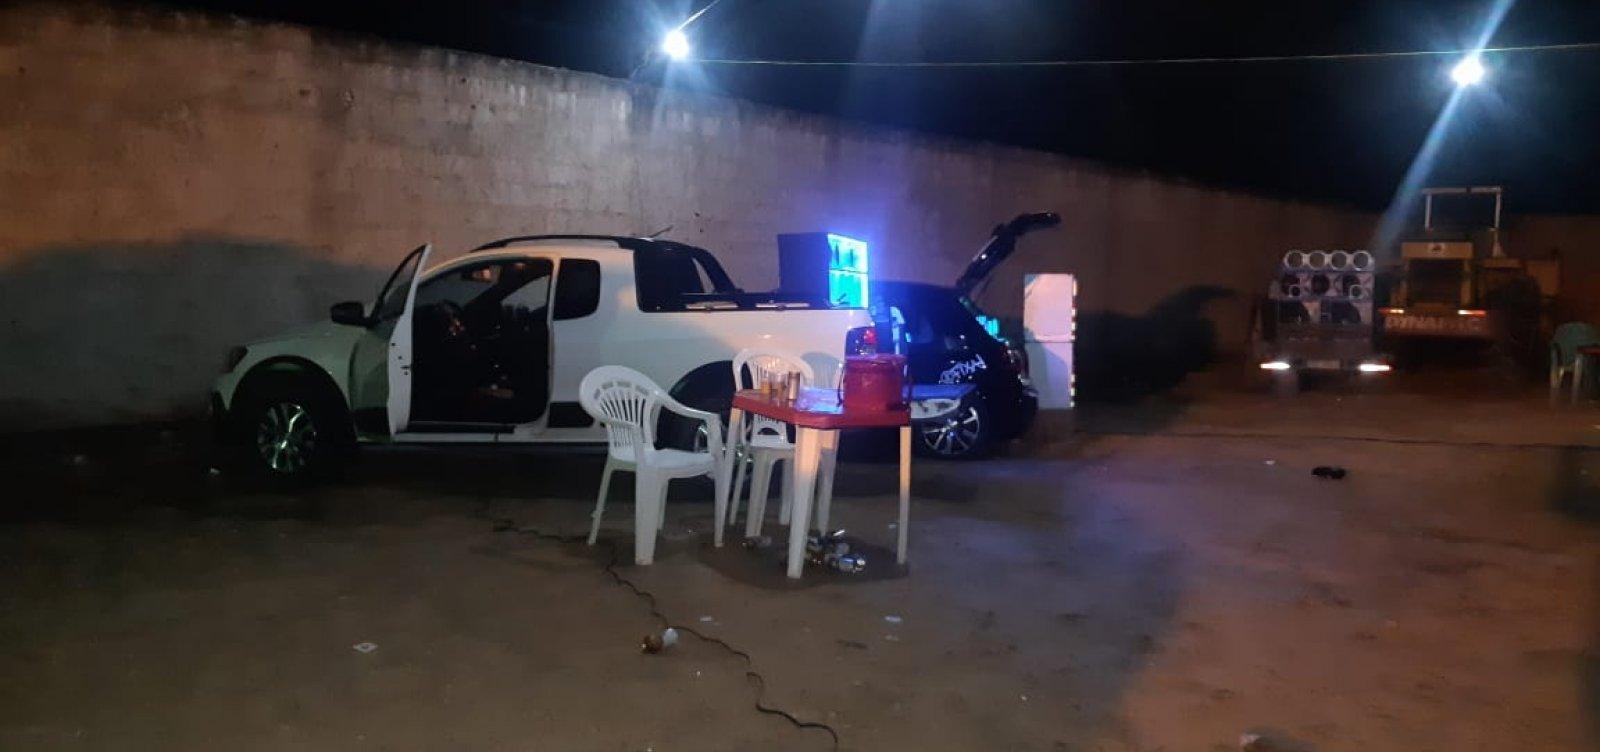 Festa 'paredão' termina com prisão e apreensões em Simões Filho